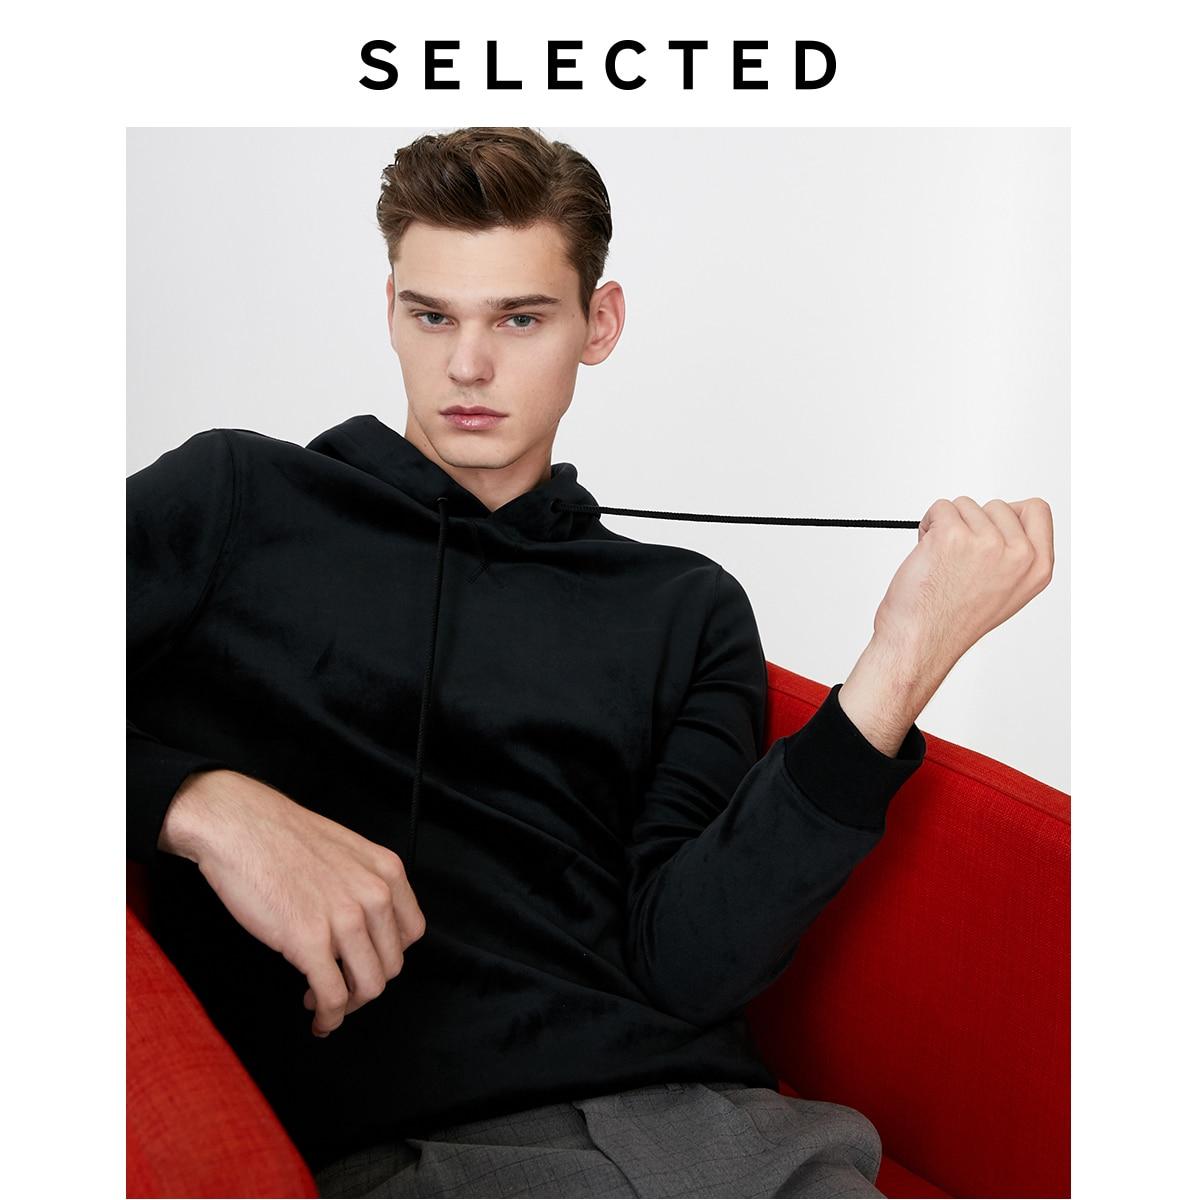 SELECTED Men's Winter Velvet Hooded Sweatshirt New Pullover Hoodies Clothes S   41944D505